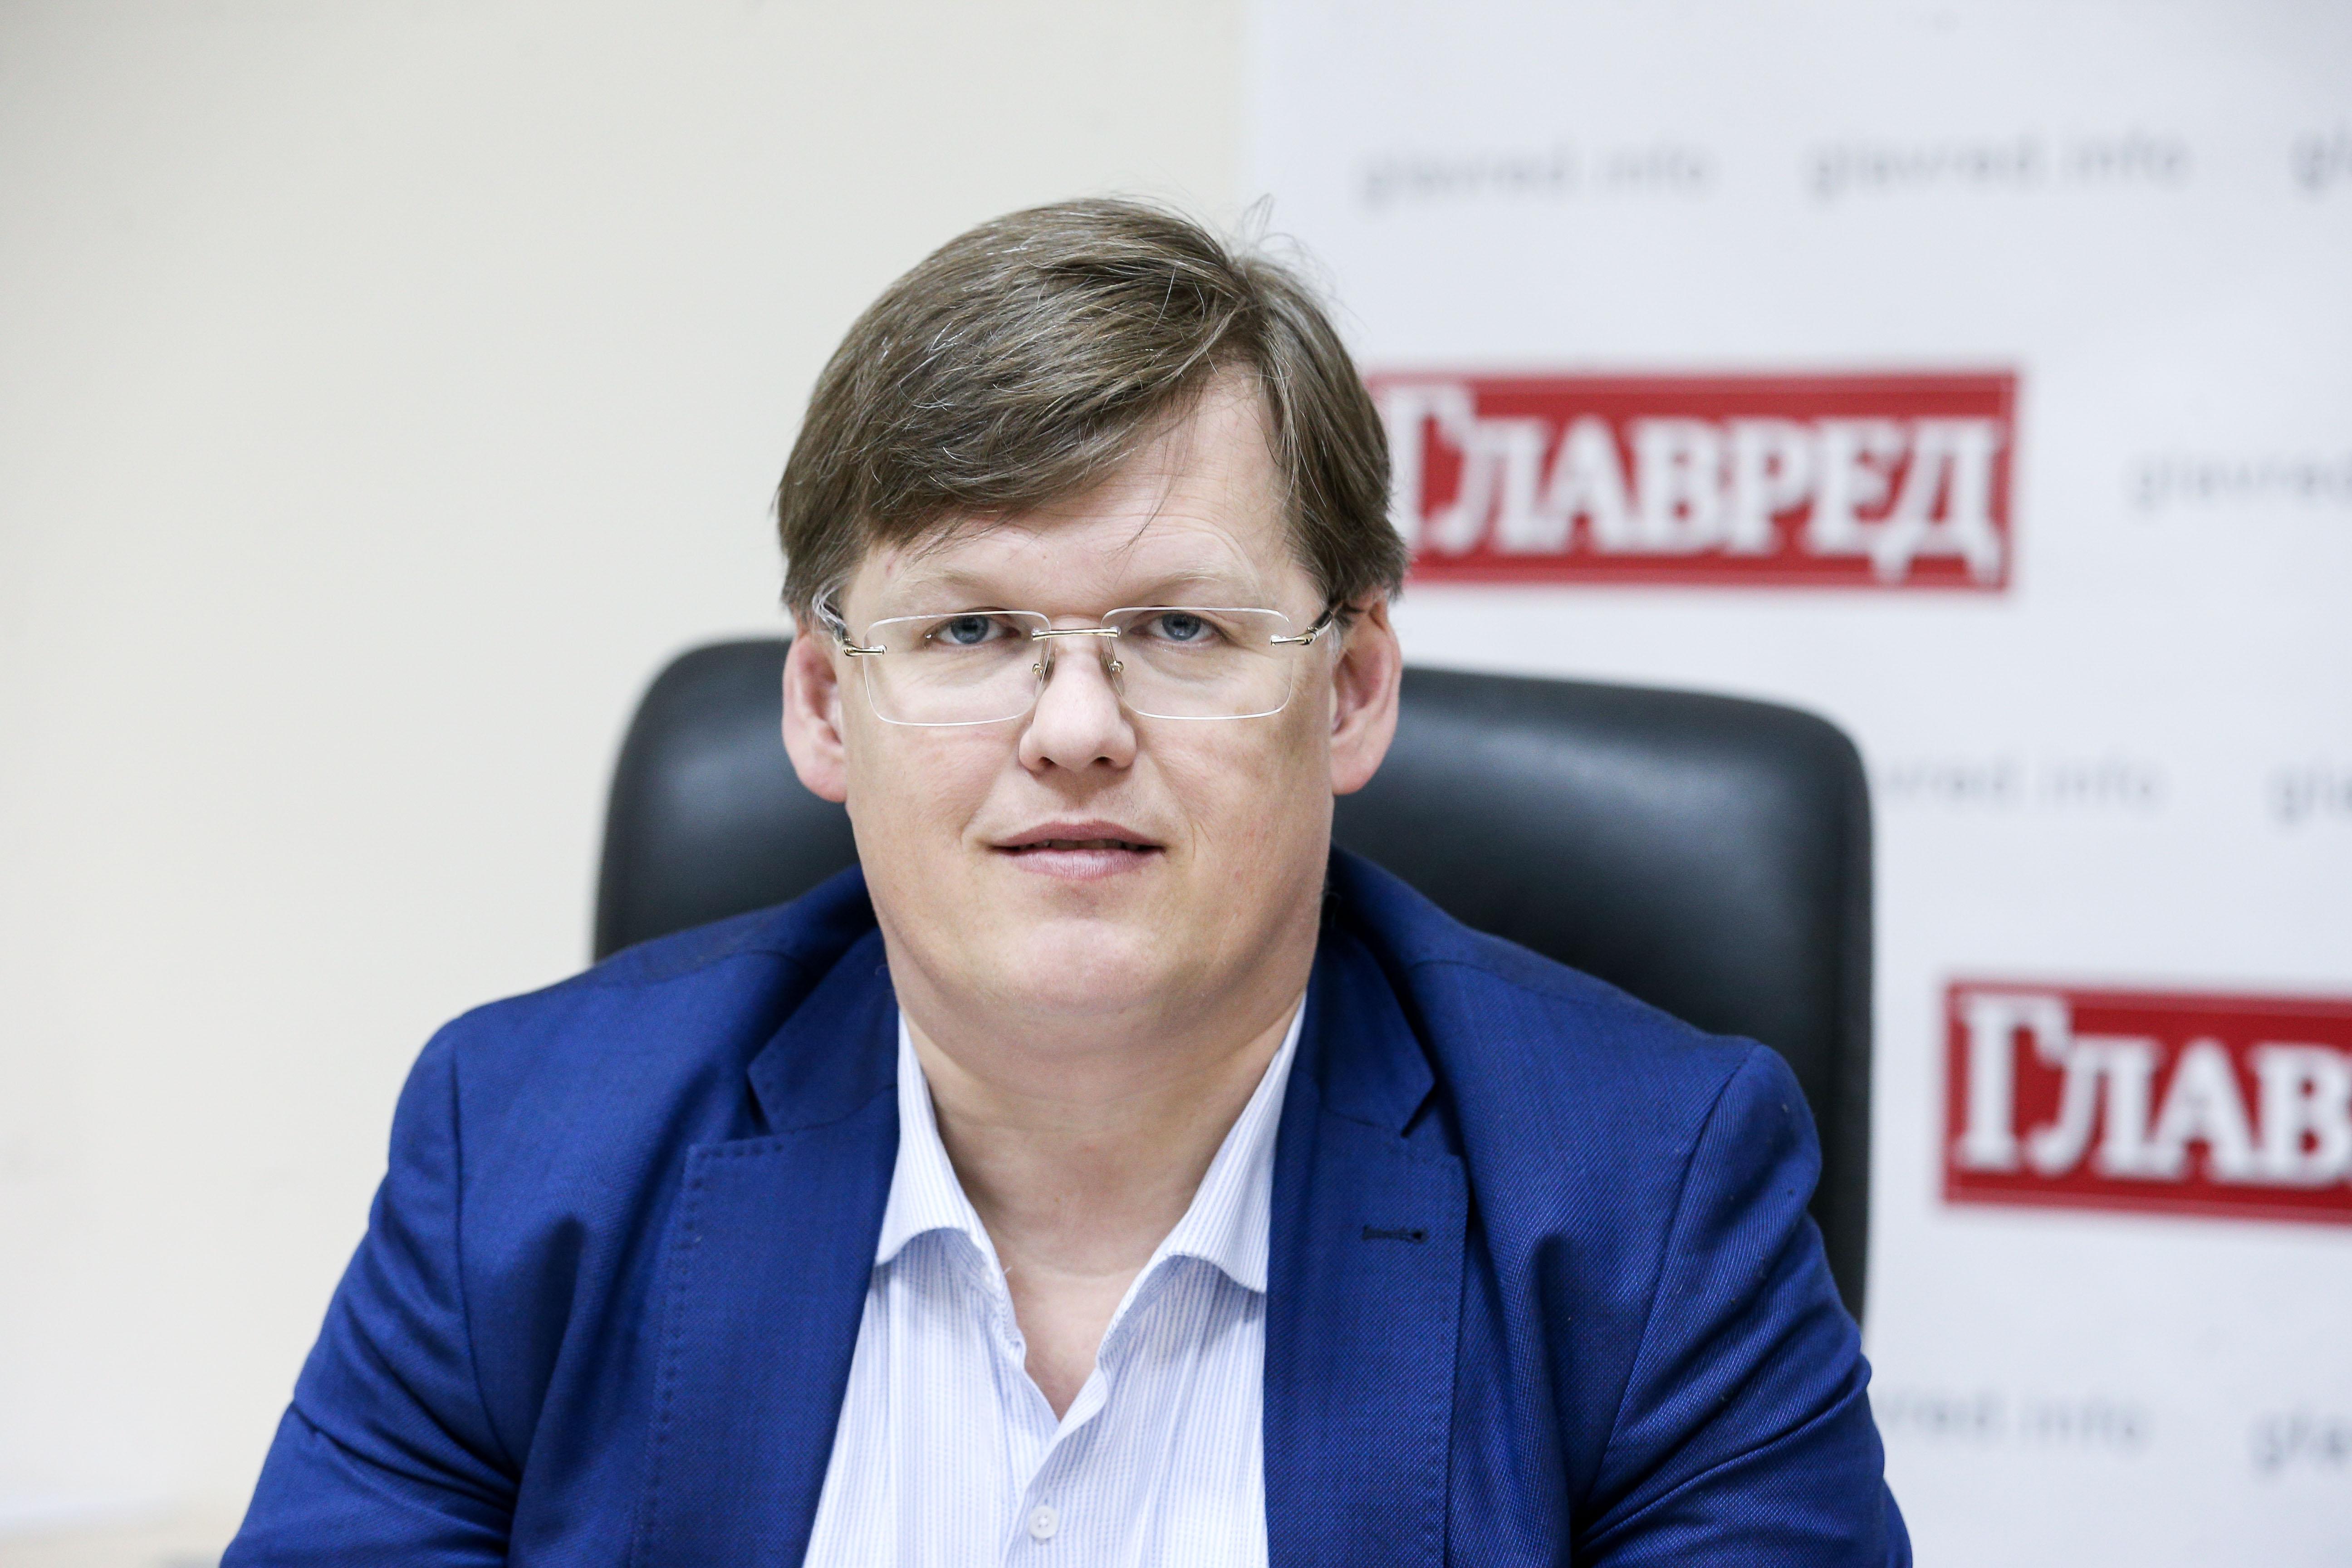 Павел Розенко пообещал украинским пенсионерам повышение пенсий при наличии финансирования